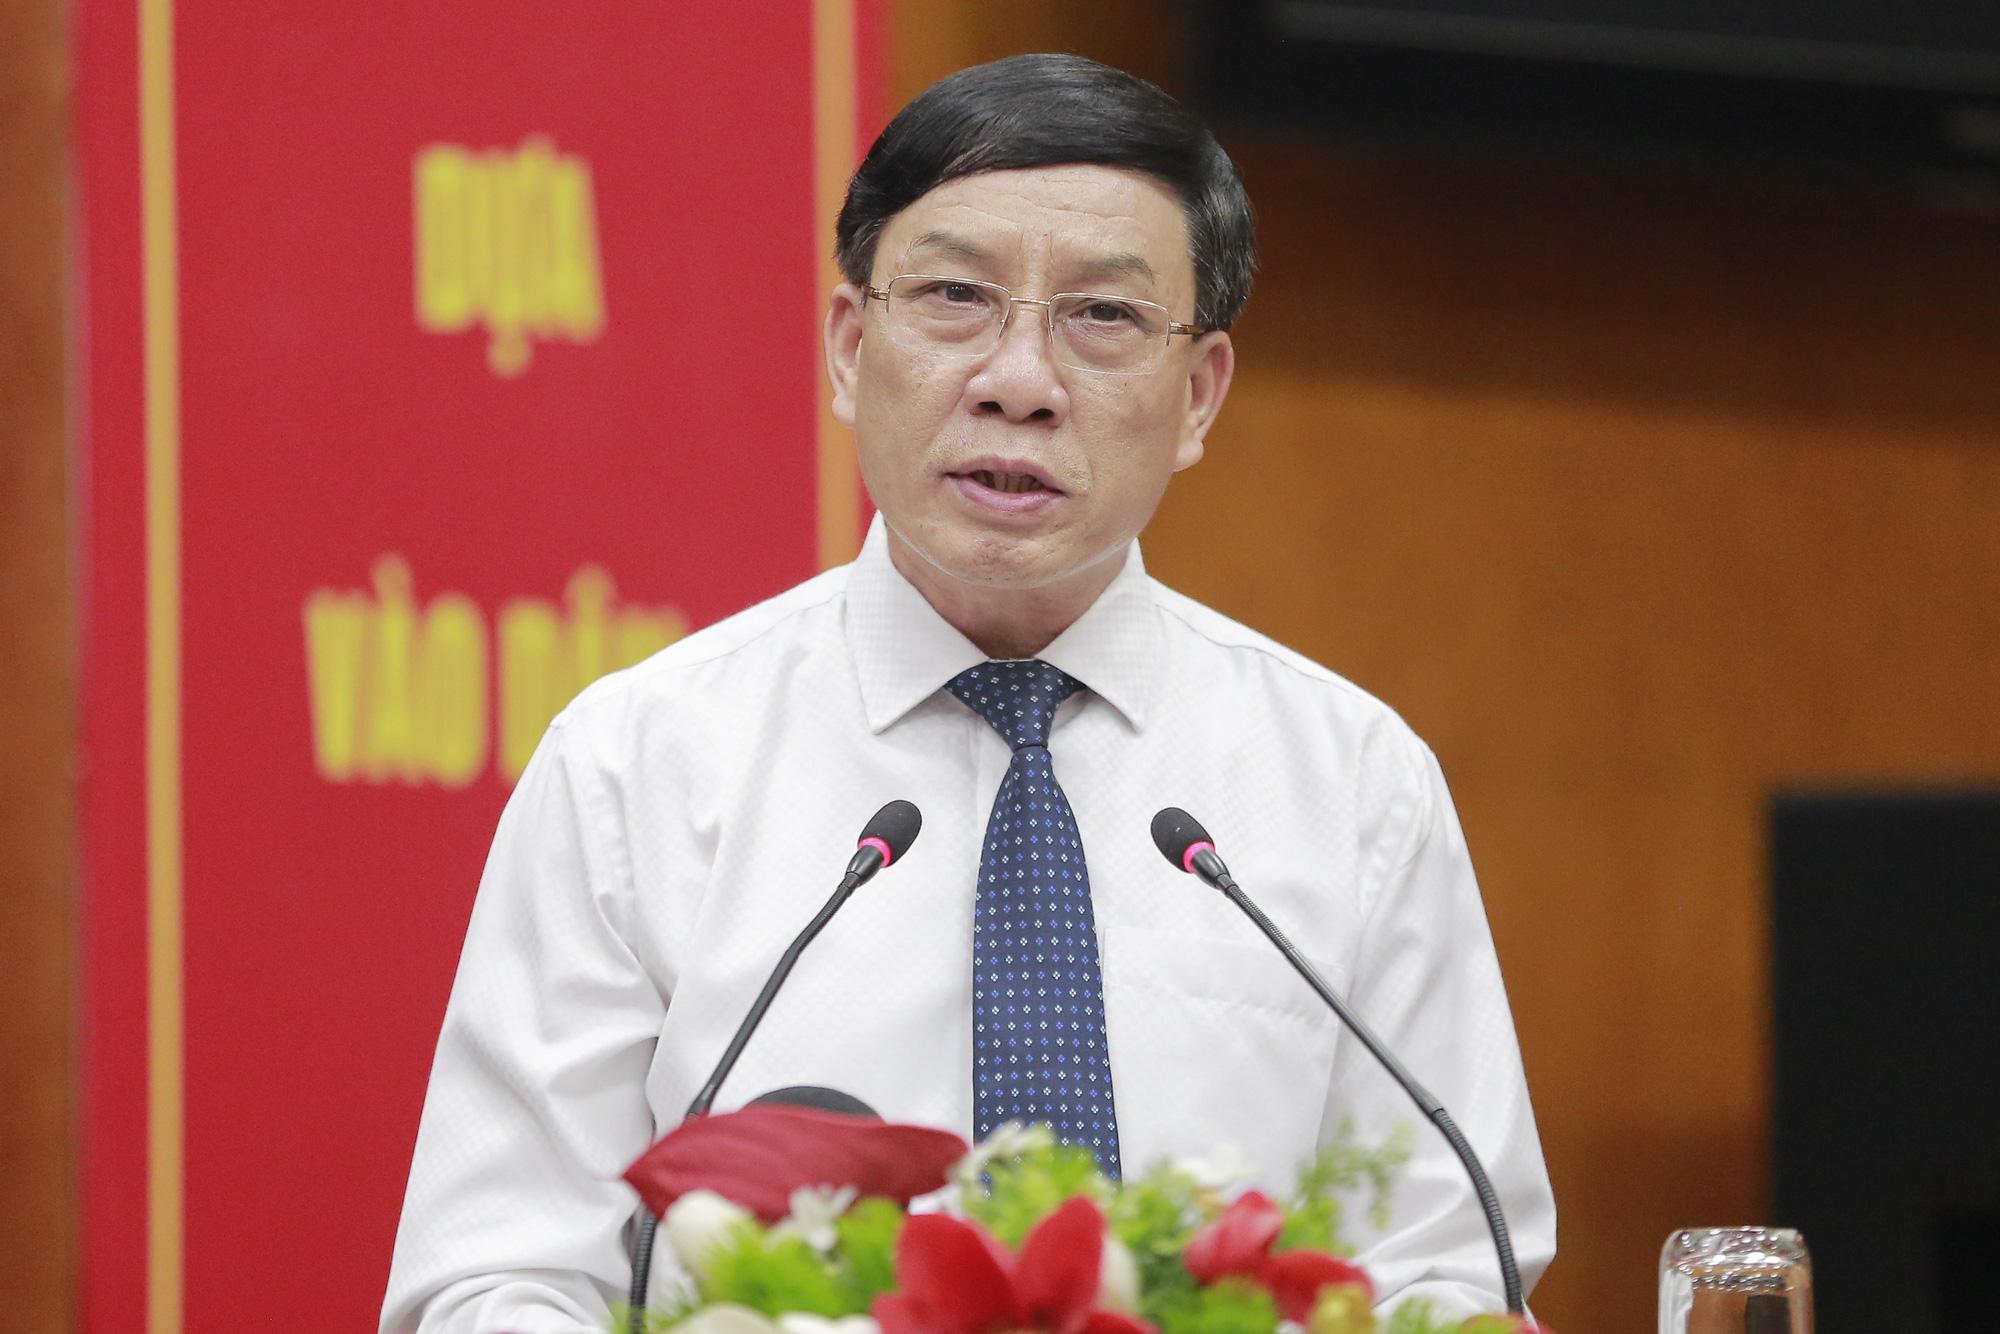 Toàn cảnh Họp báo kỷ niệm 90 năm Ngày thành lập Hội Nông dân Việt Nam - Ảnh 4.